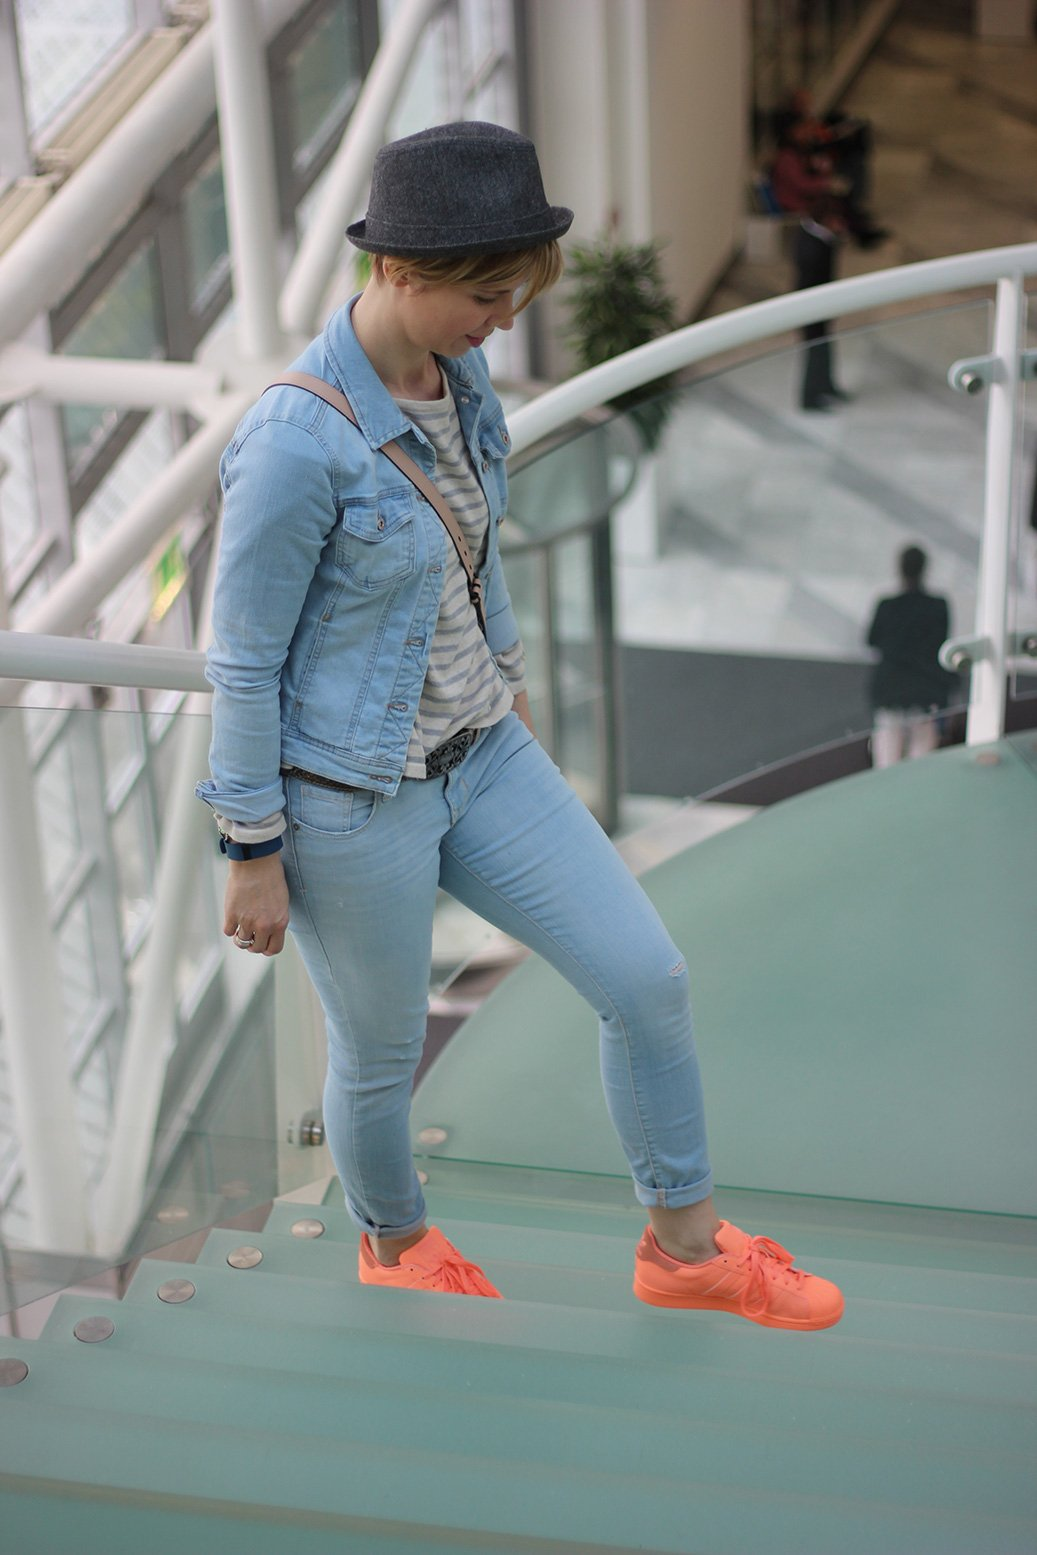 Adidas Superstars, Sneakers, sunglow, hellblau, streifen, Hut